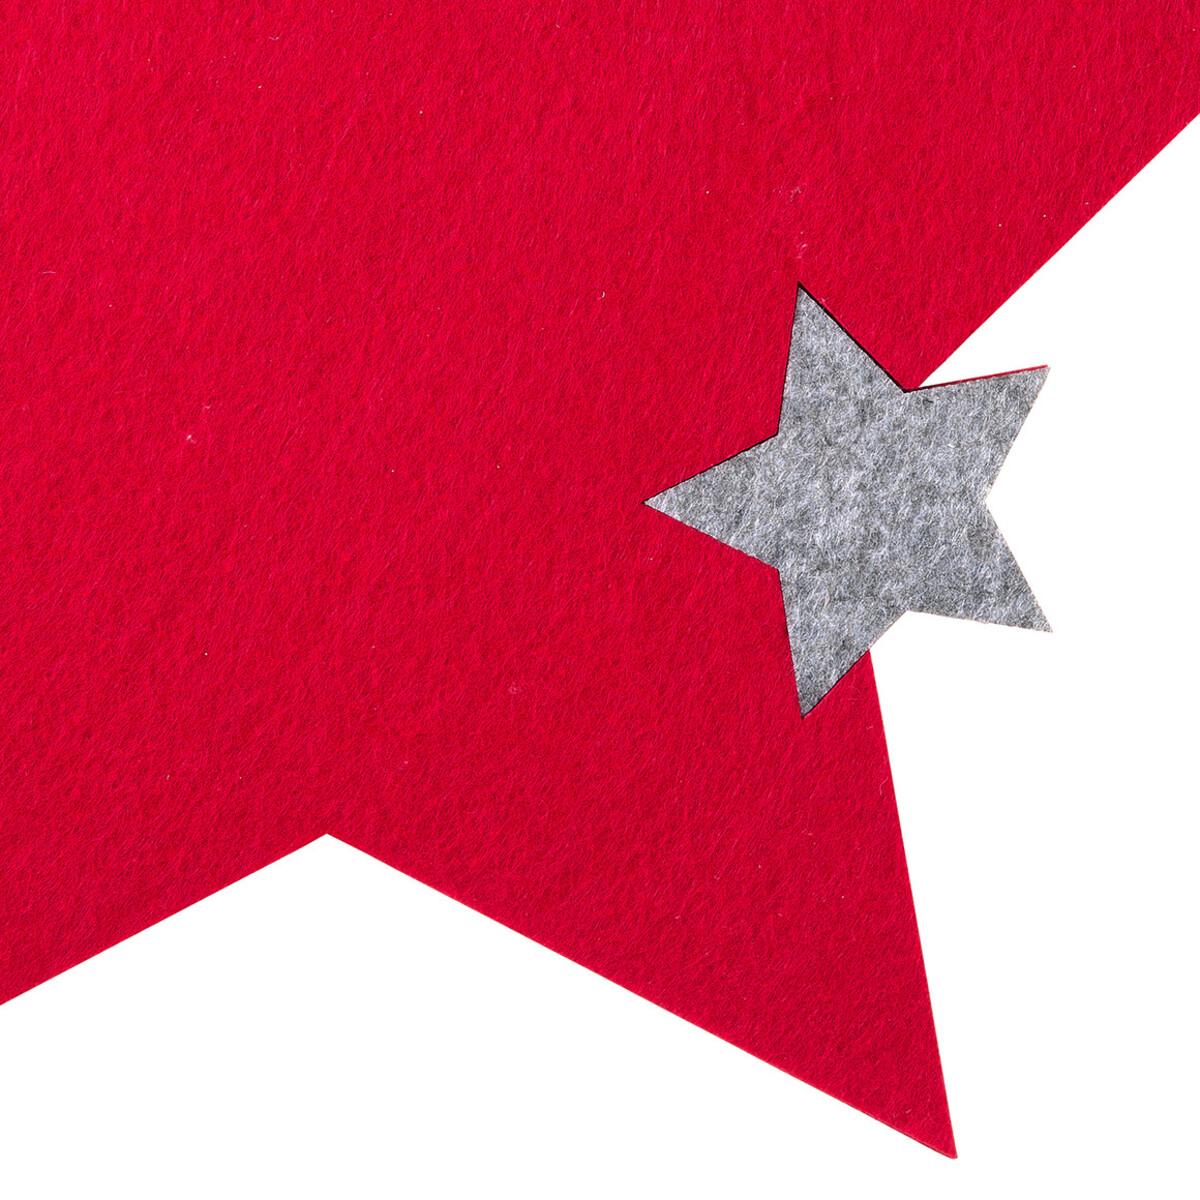 Bild 2 von Platzset in Sternform